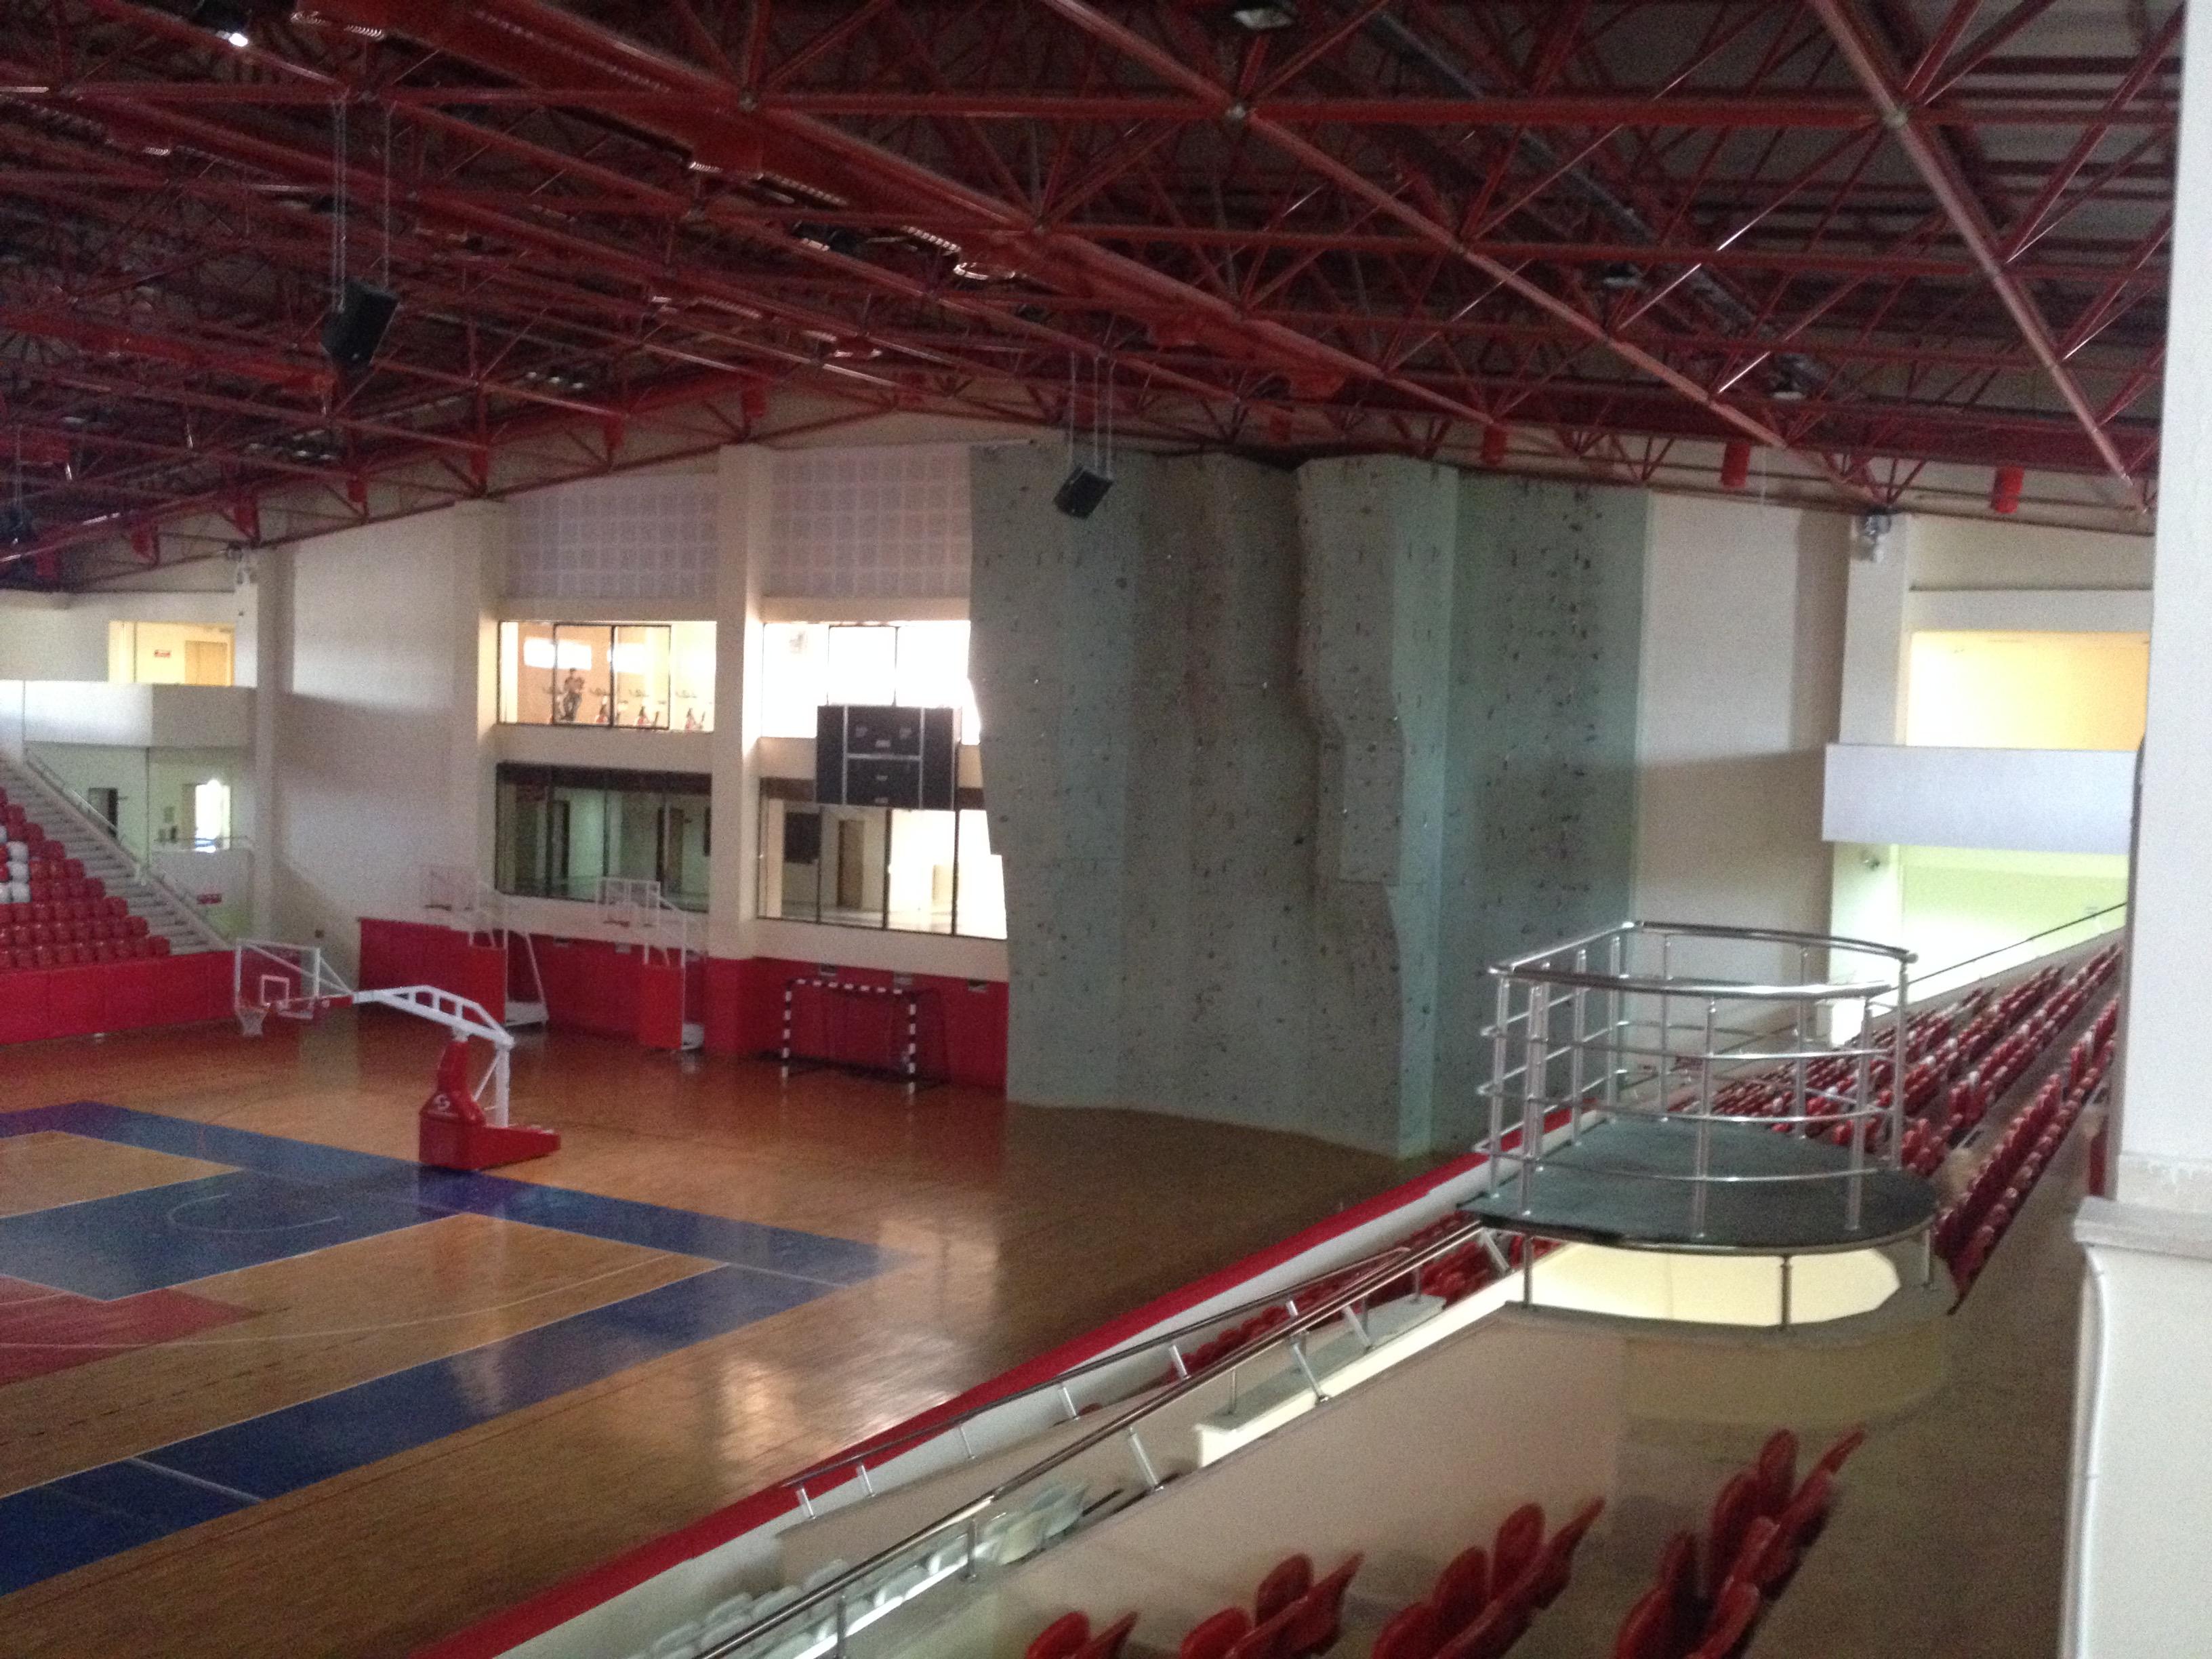 sdü spor salonu (1) - ryuklemobi